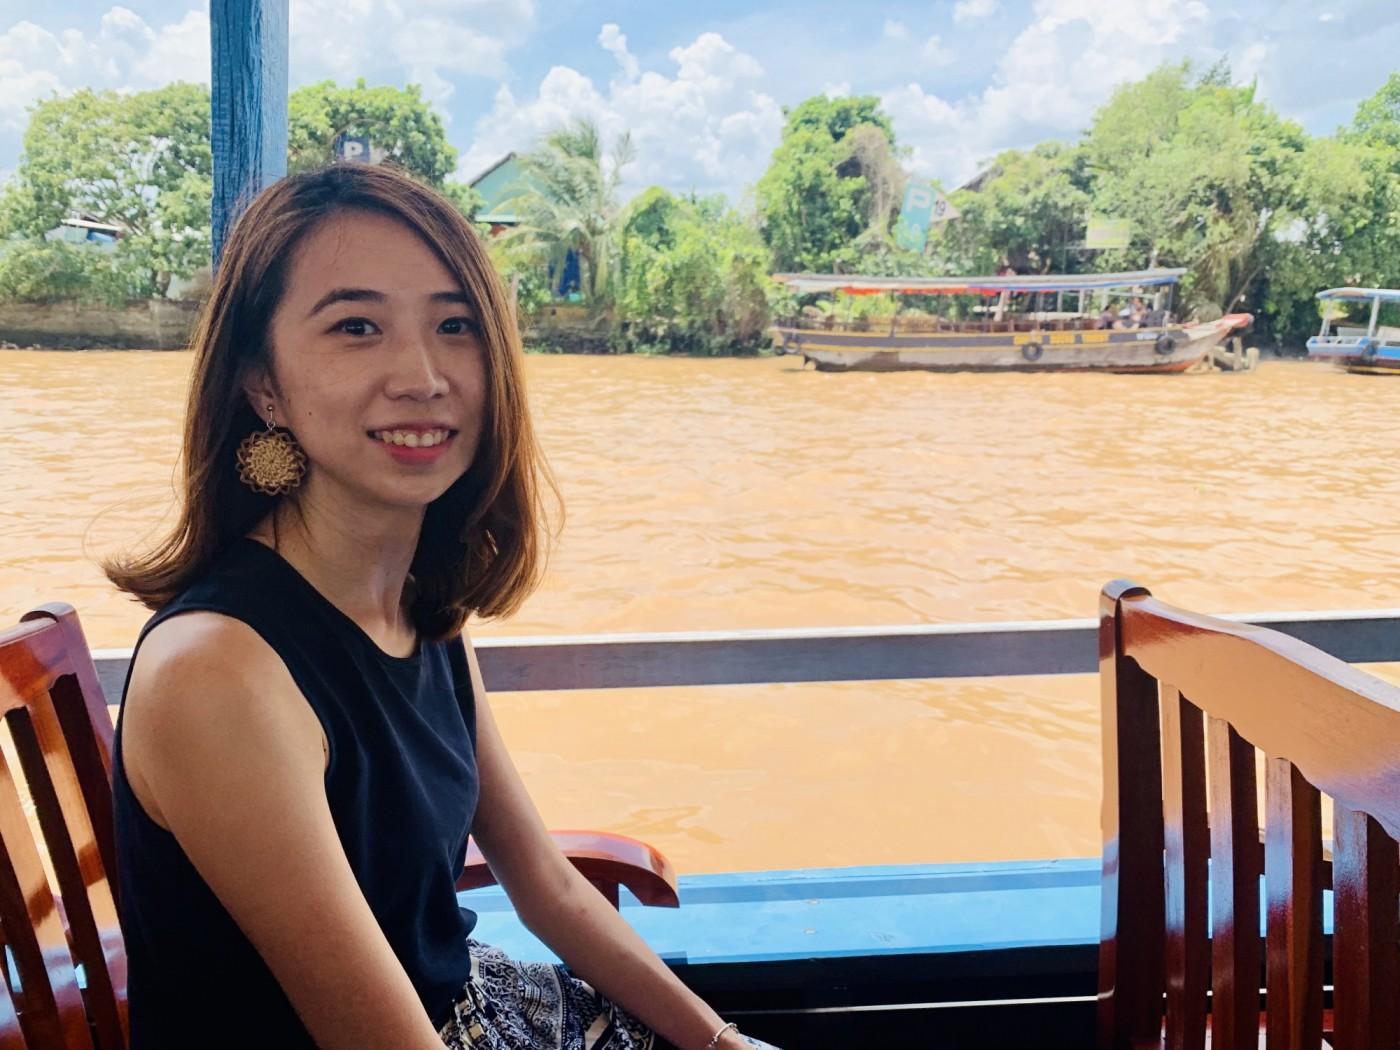 成功打入科索沃的民間外交家,出征第2個國度!她為何說越南人與台灣的心理距離「不太近」